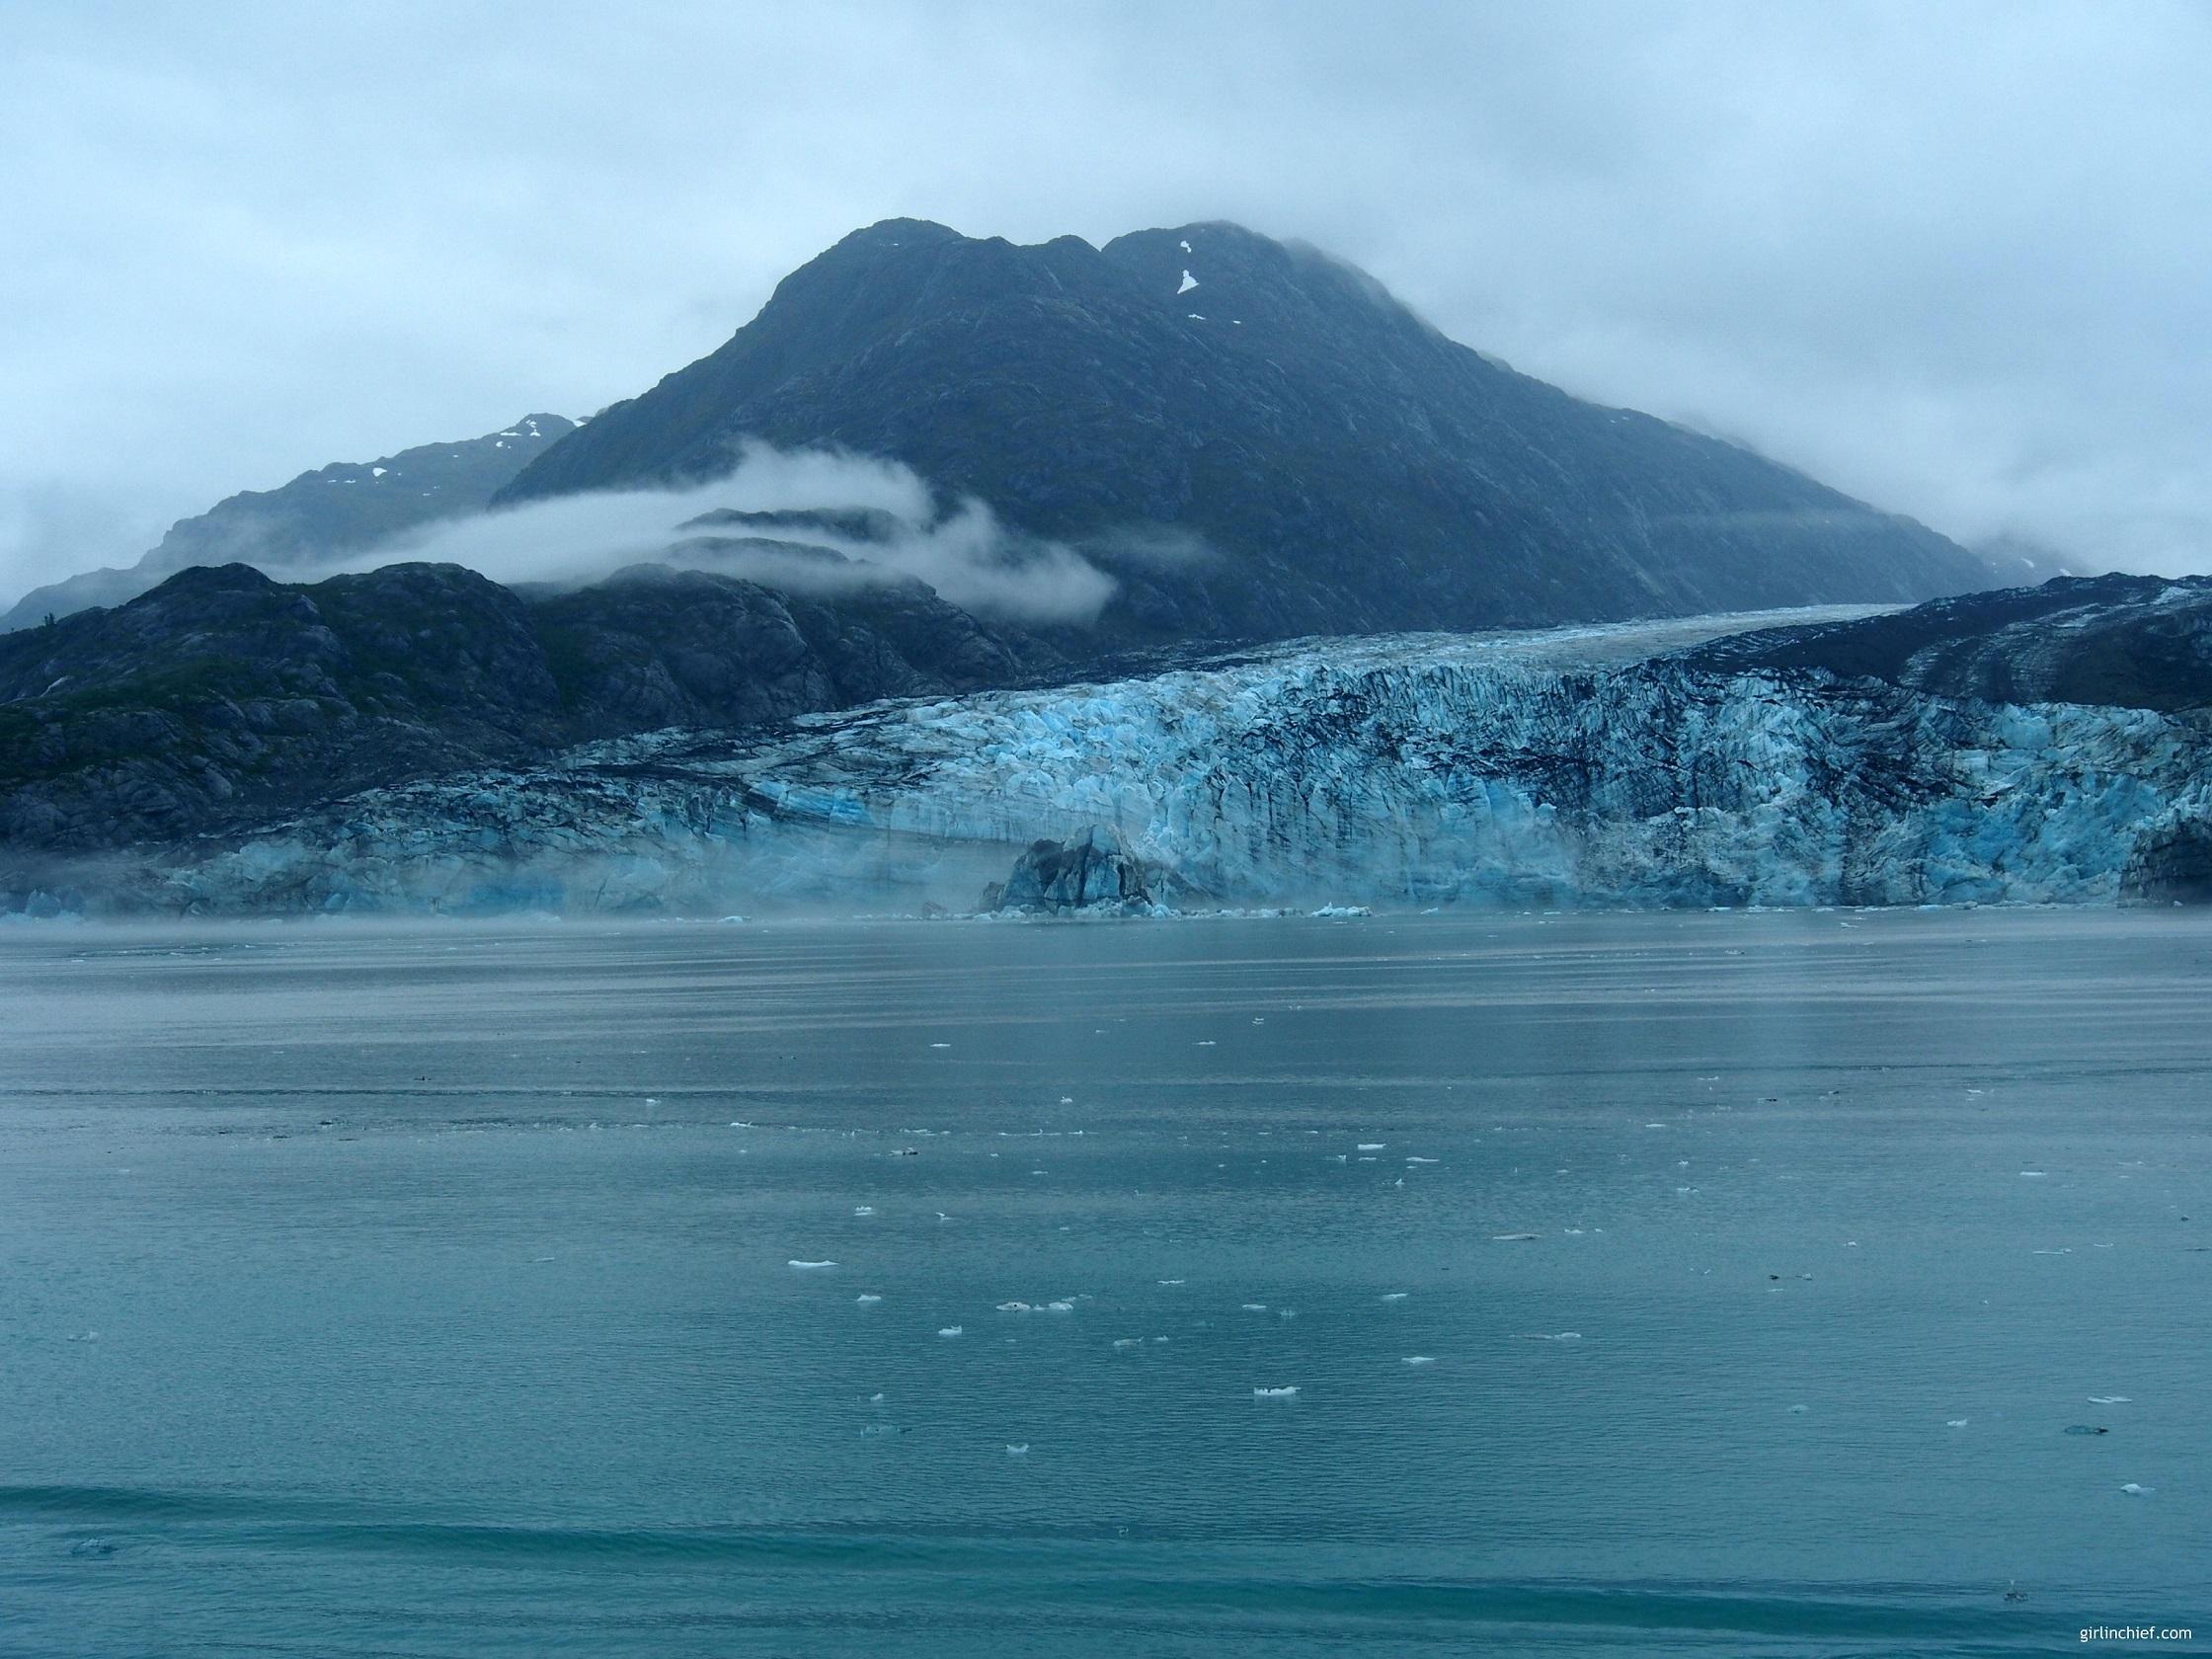 Alaska Cruise: Cruising Through Glacier Bay #alaskacruise #alaska #cruisevacation #glacierbay #glacier